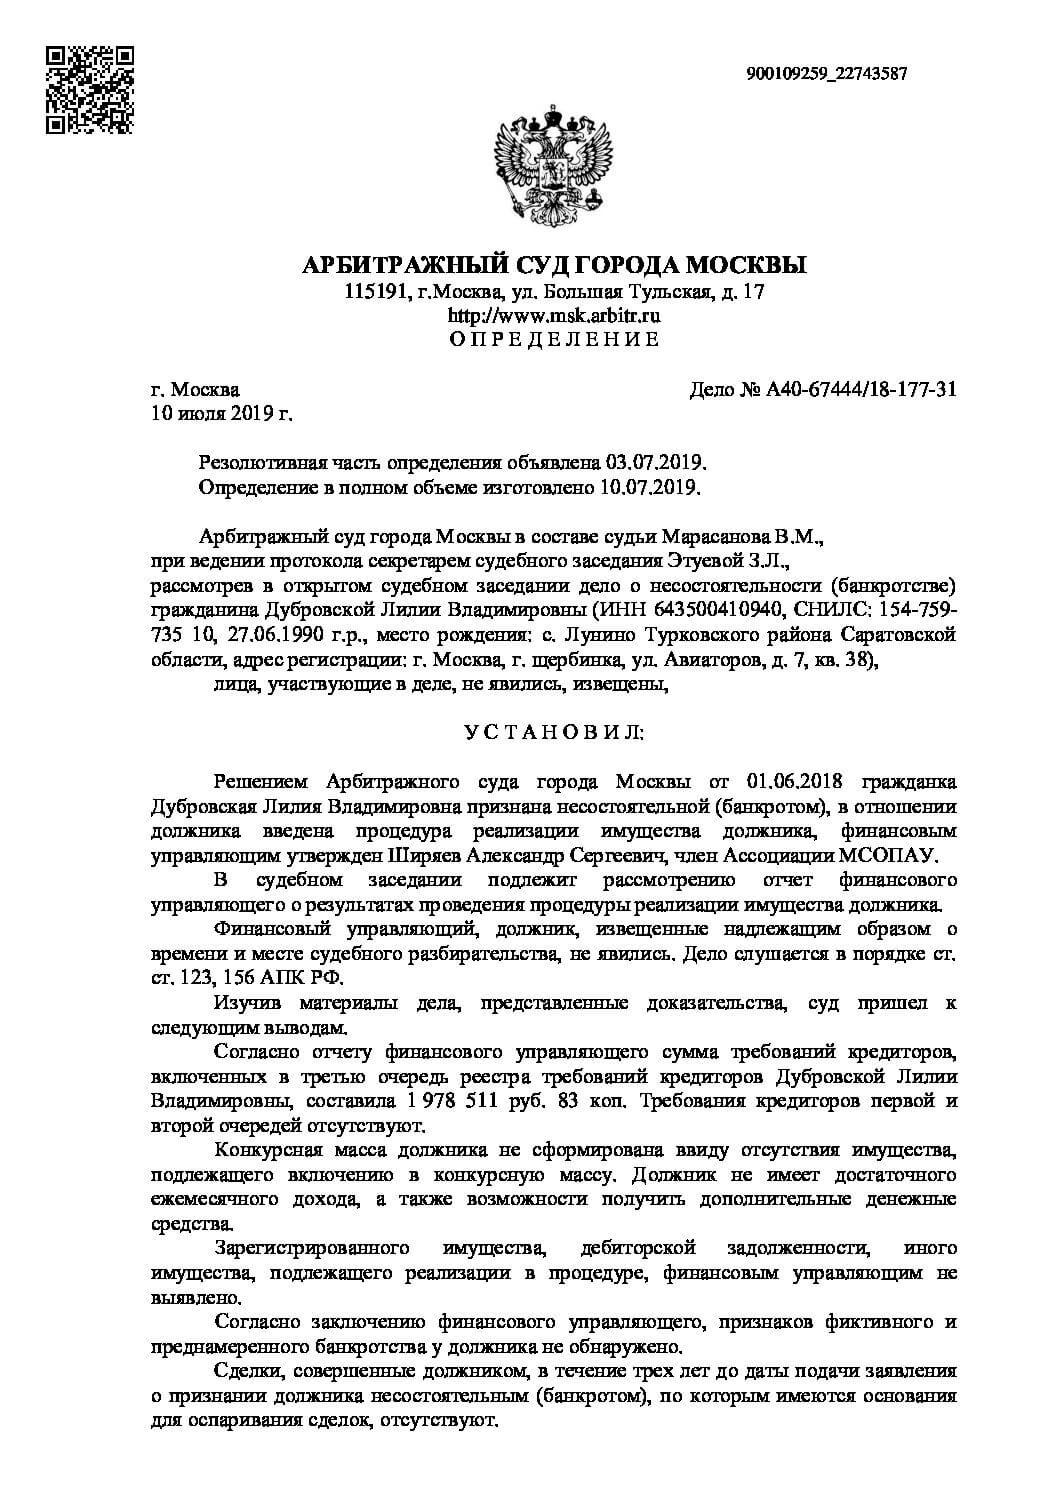 александр сергеевич взял ипотечный кредит